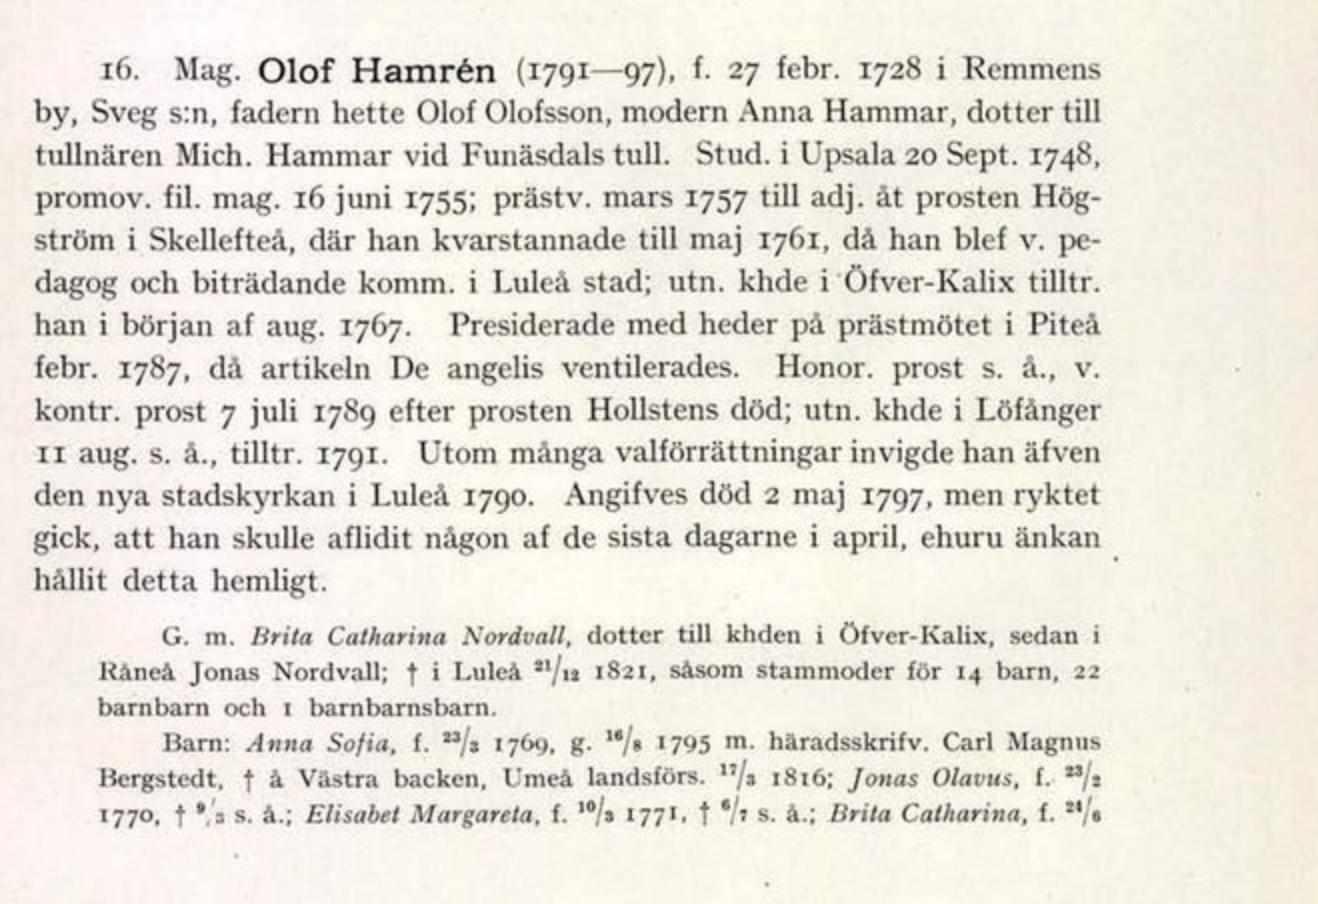 Från Leonard Bygdéns herdaminne över Härnösands stift